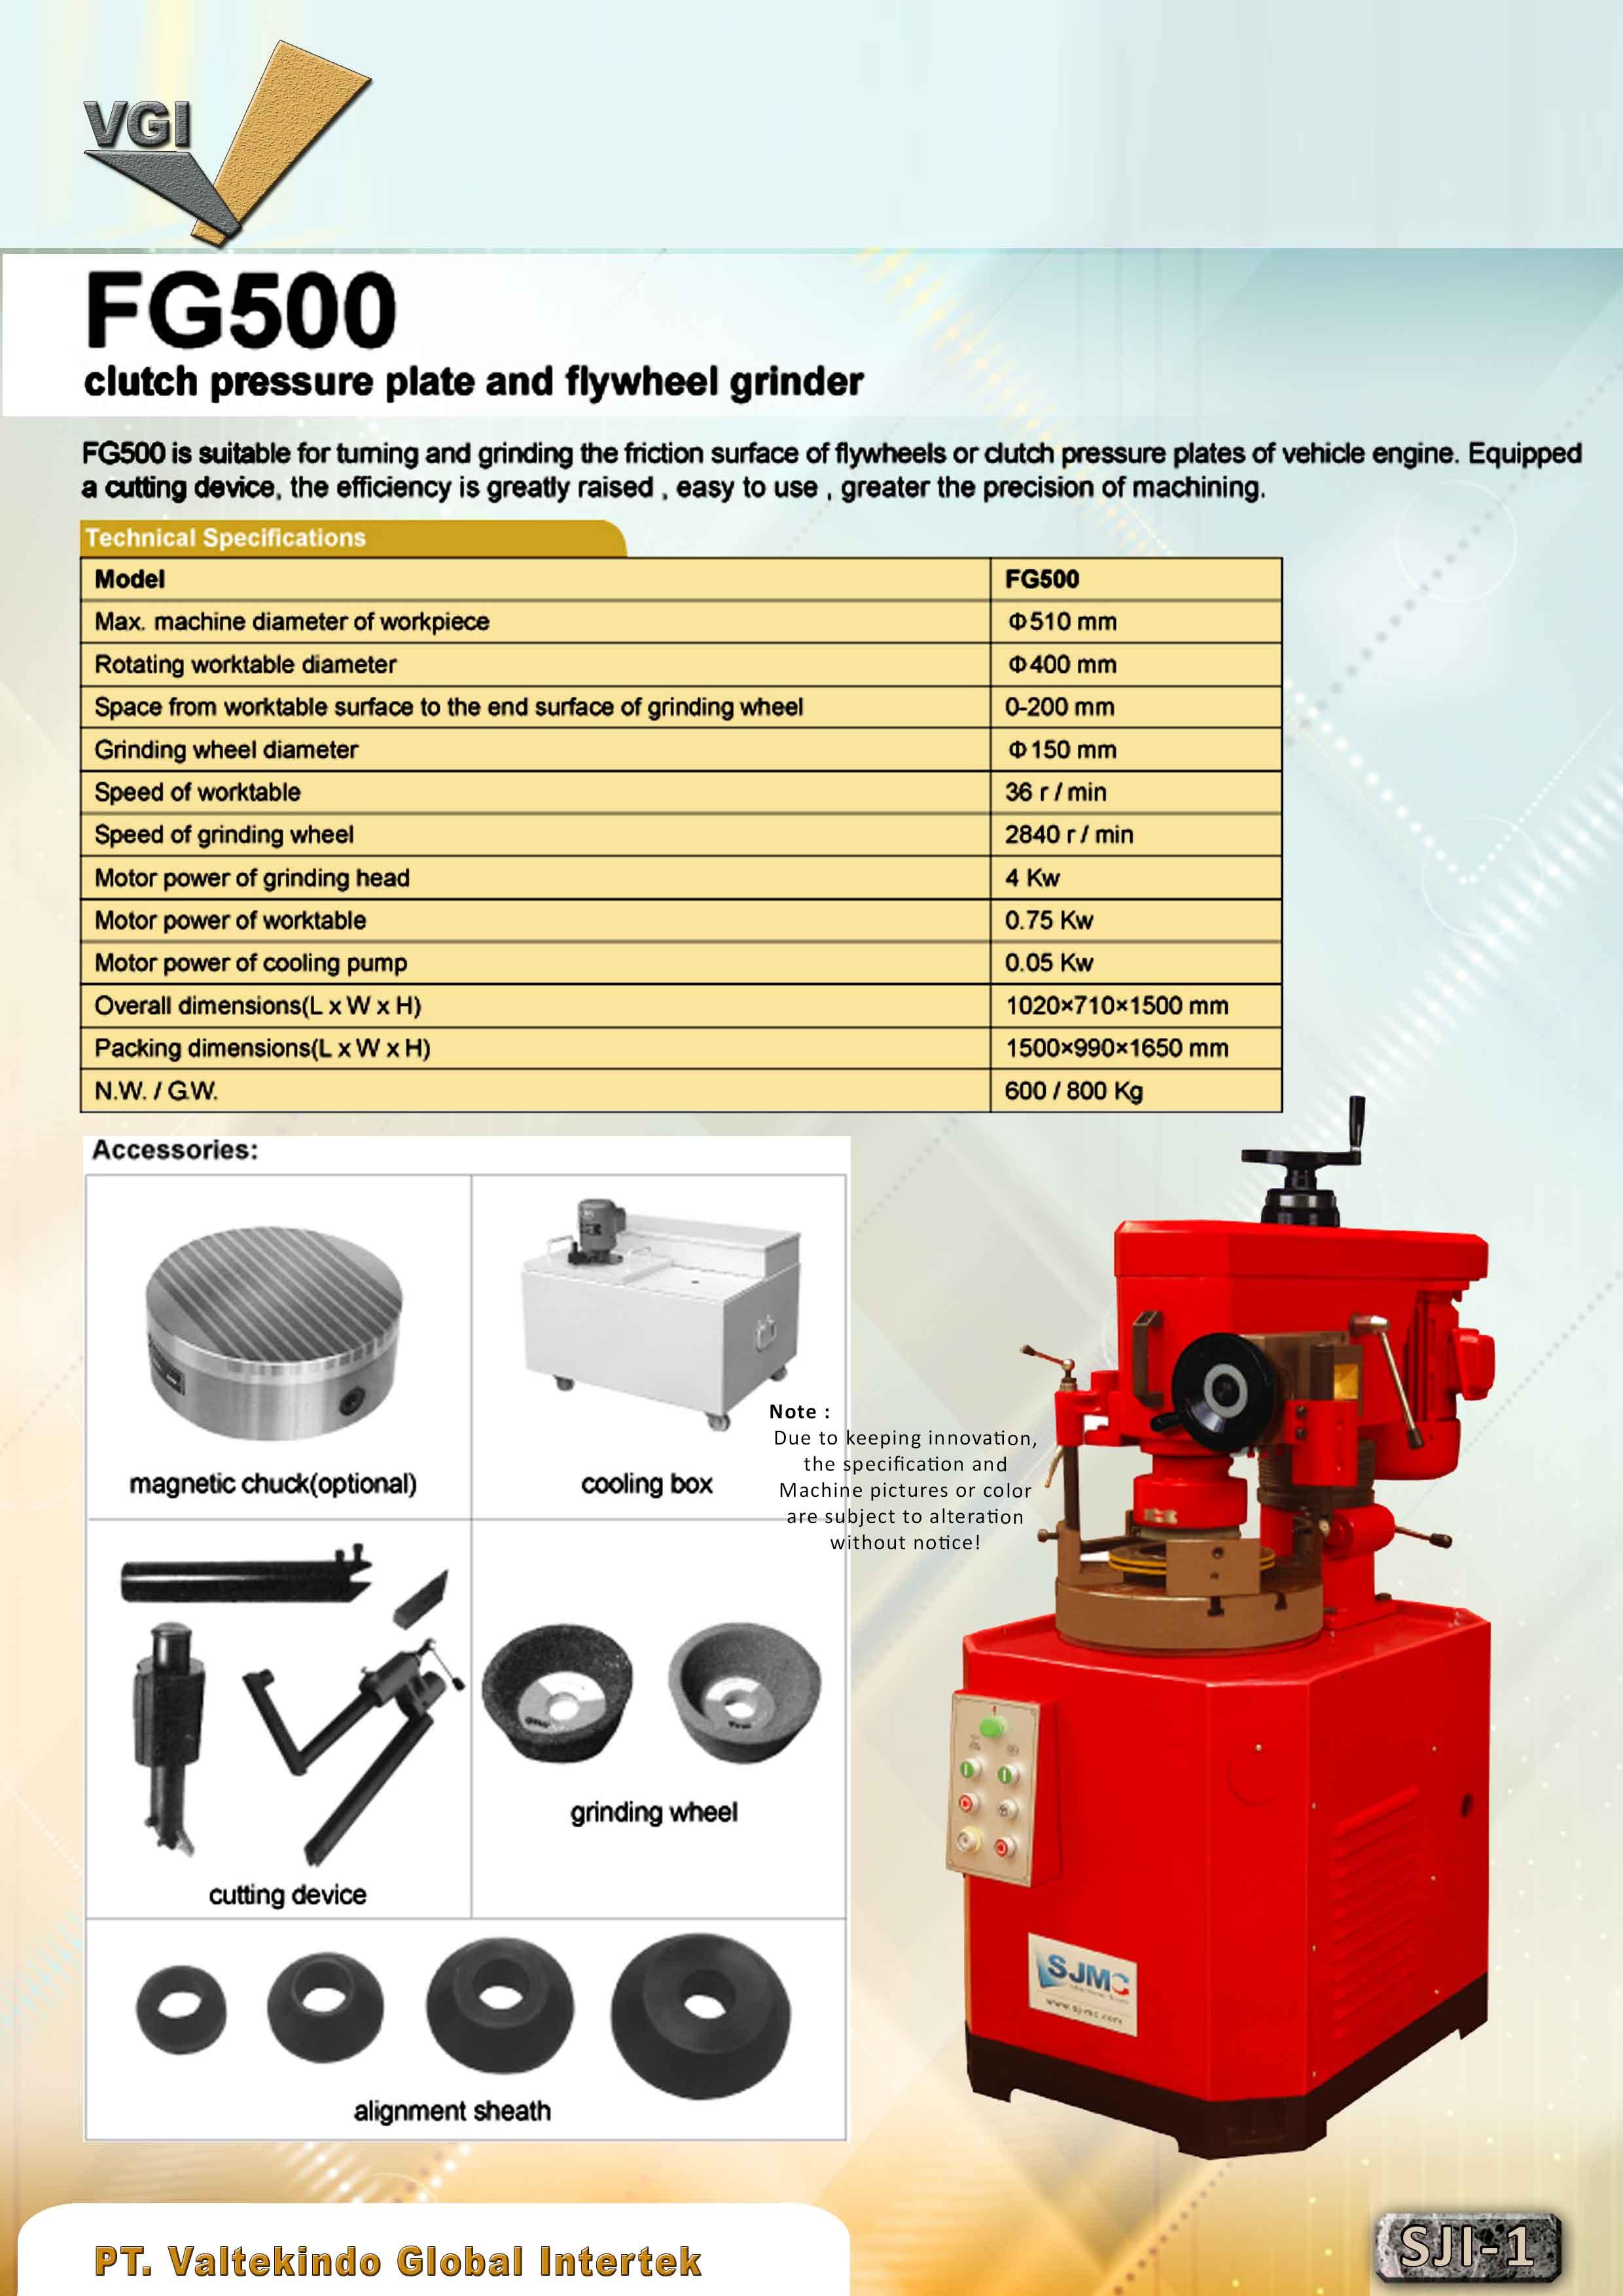 jual mesin Clutch Pressure Plate and Flywheel Grinder